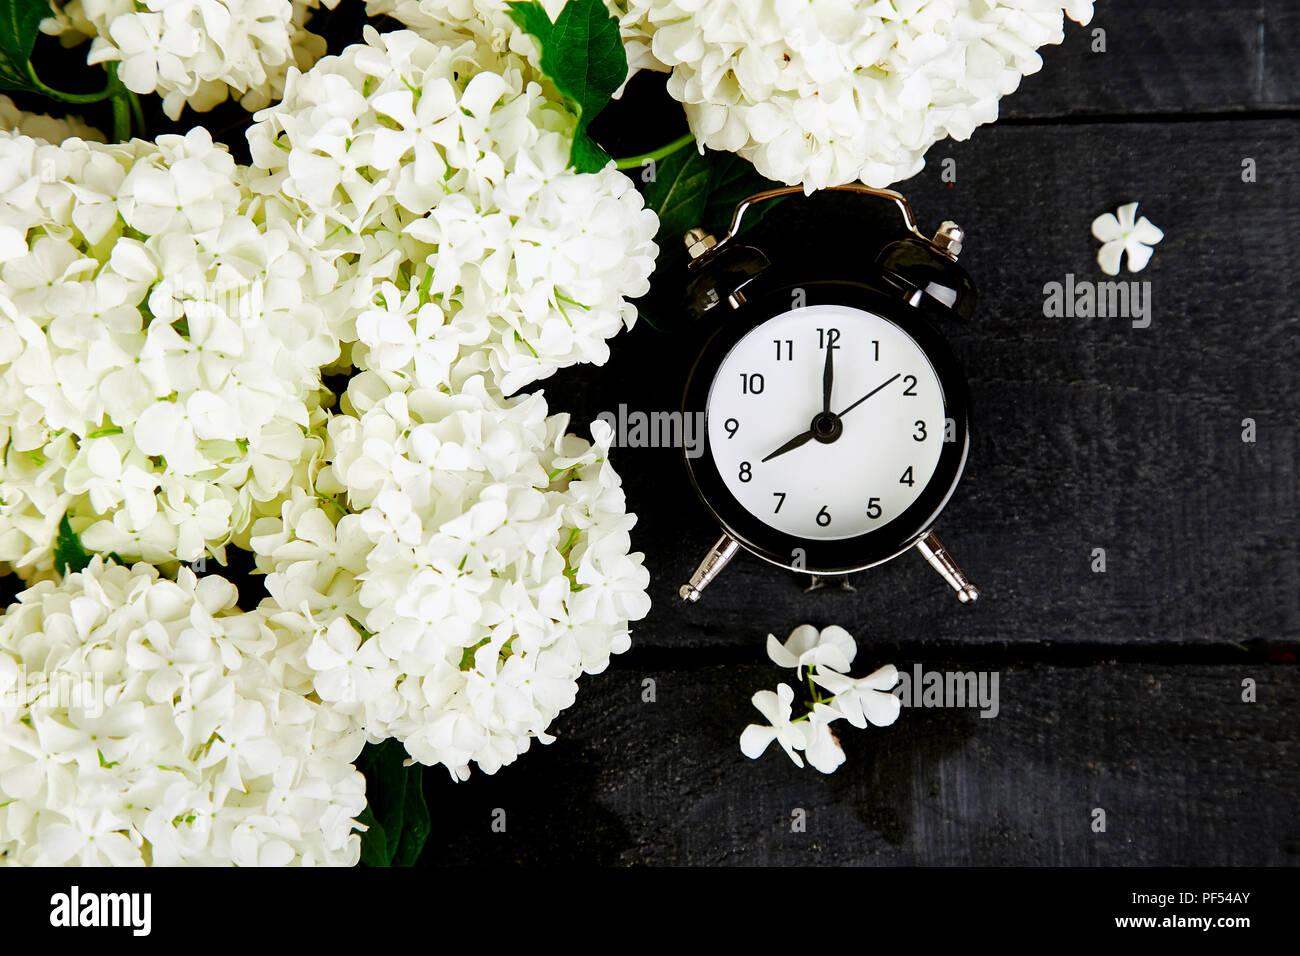 Schwarz Wecker Und Weiße Blumen Auf Schwarzem Hintergrund